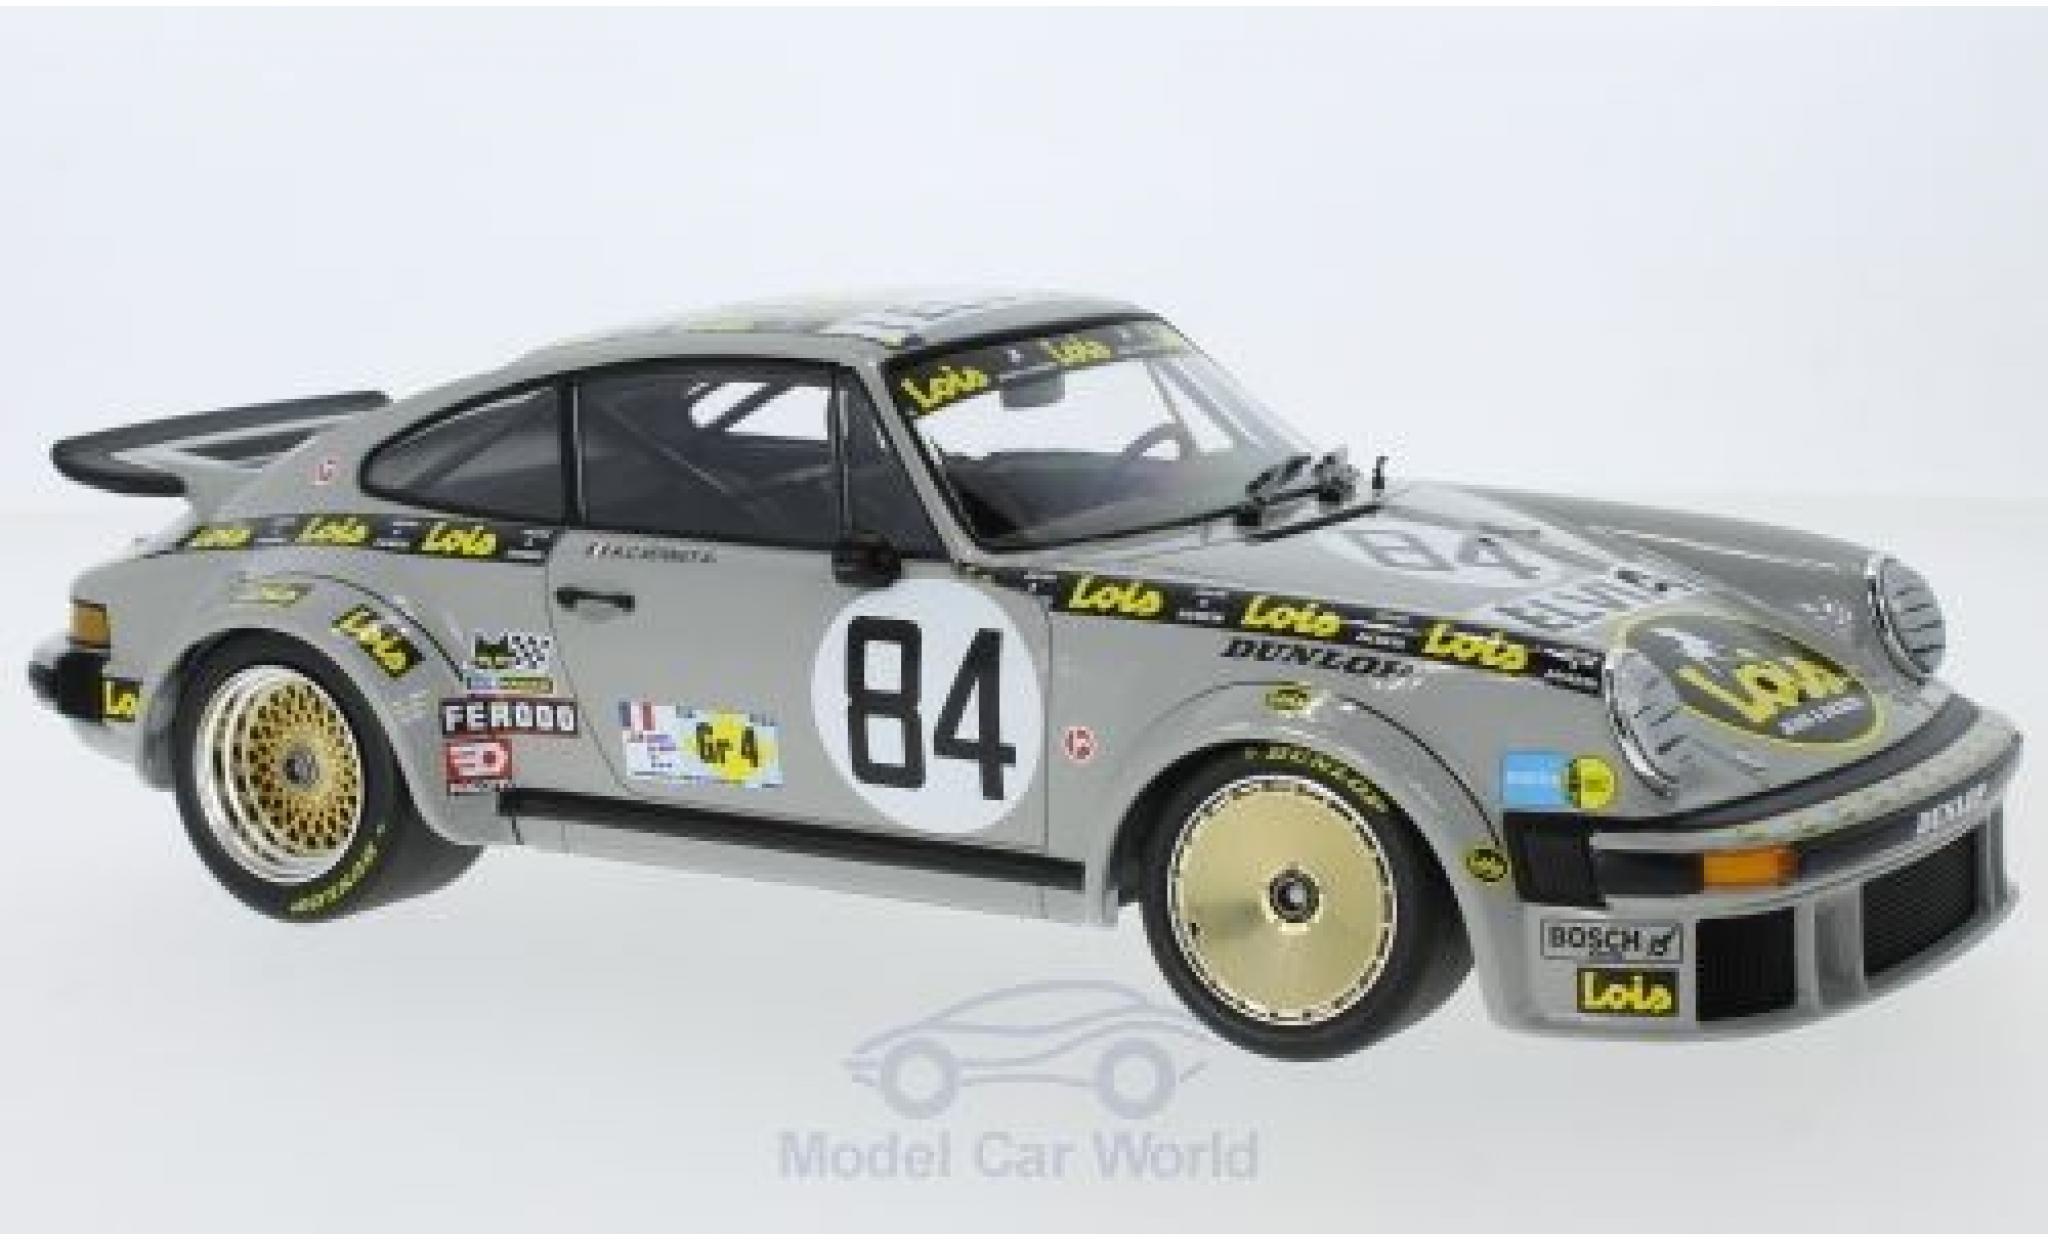 Porsche 934 1/18 Minichamps No.84 Anne-Charlotte Verney Team Lois 24h Le Mans 1979 A.C.Verney/P.Bardinon/R.Metge